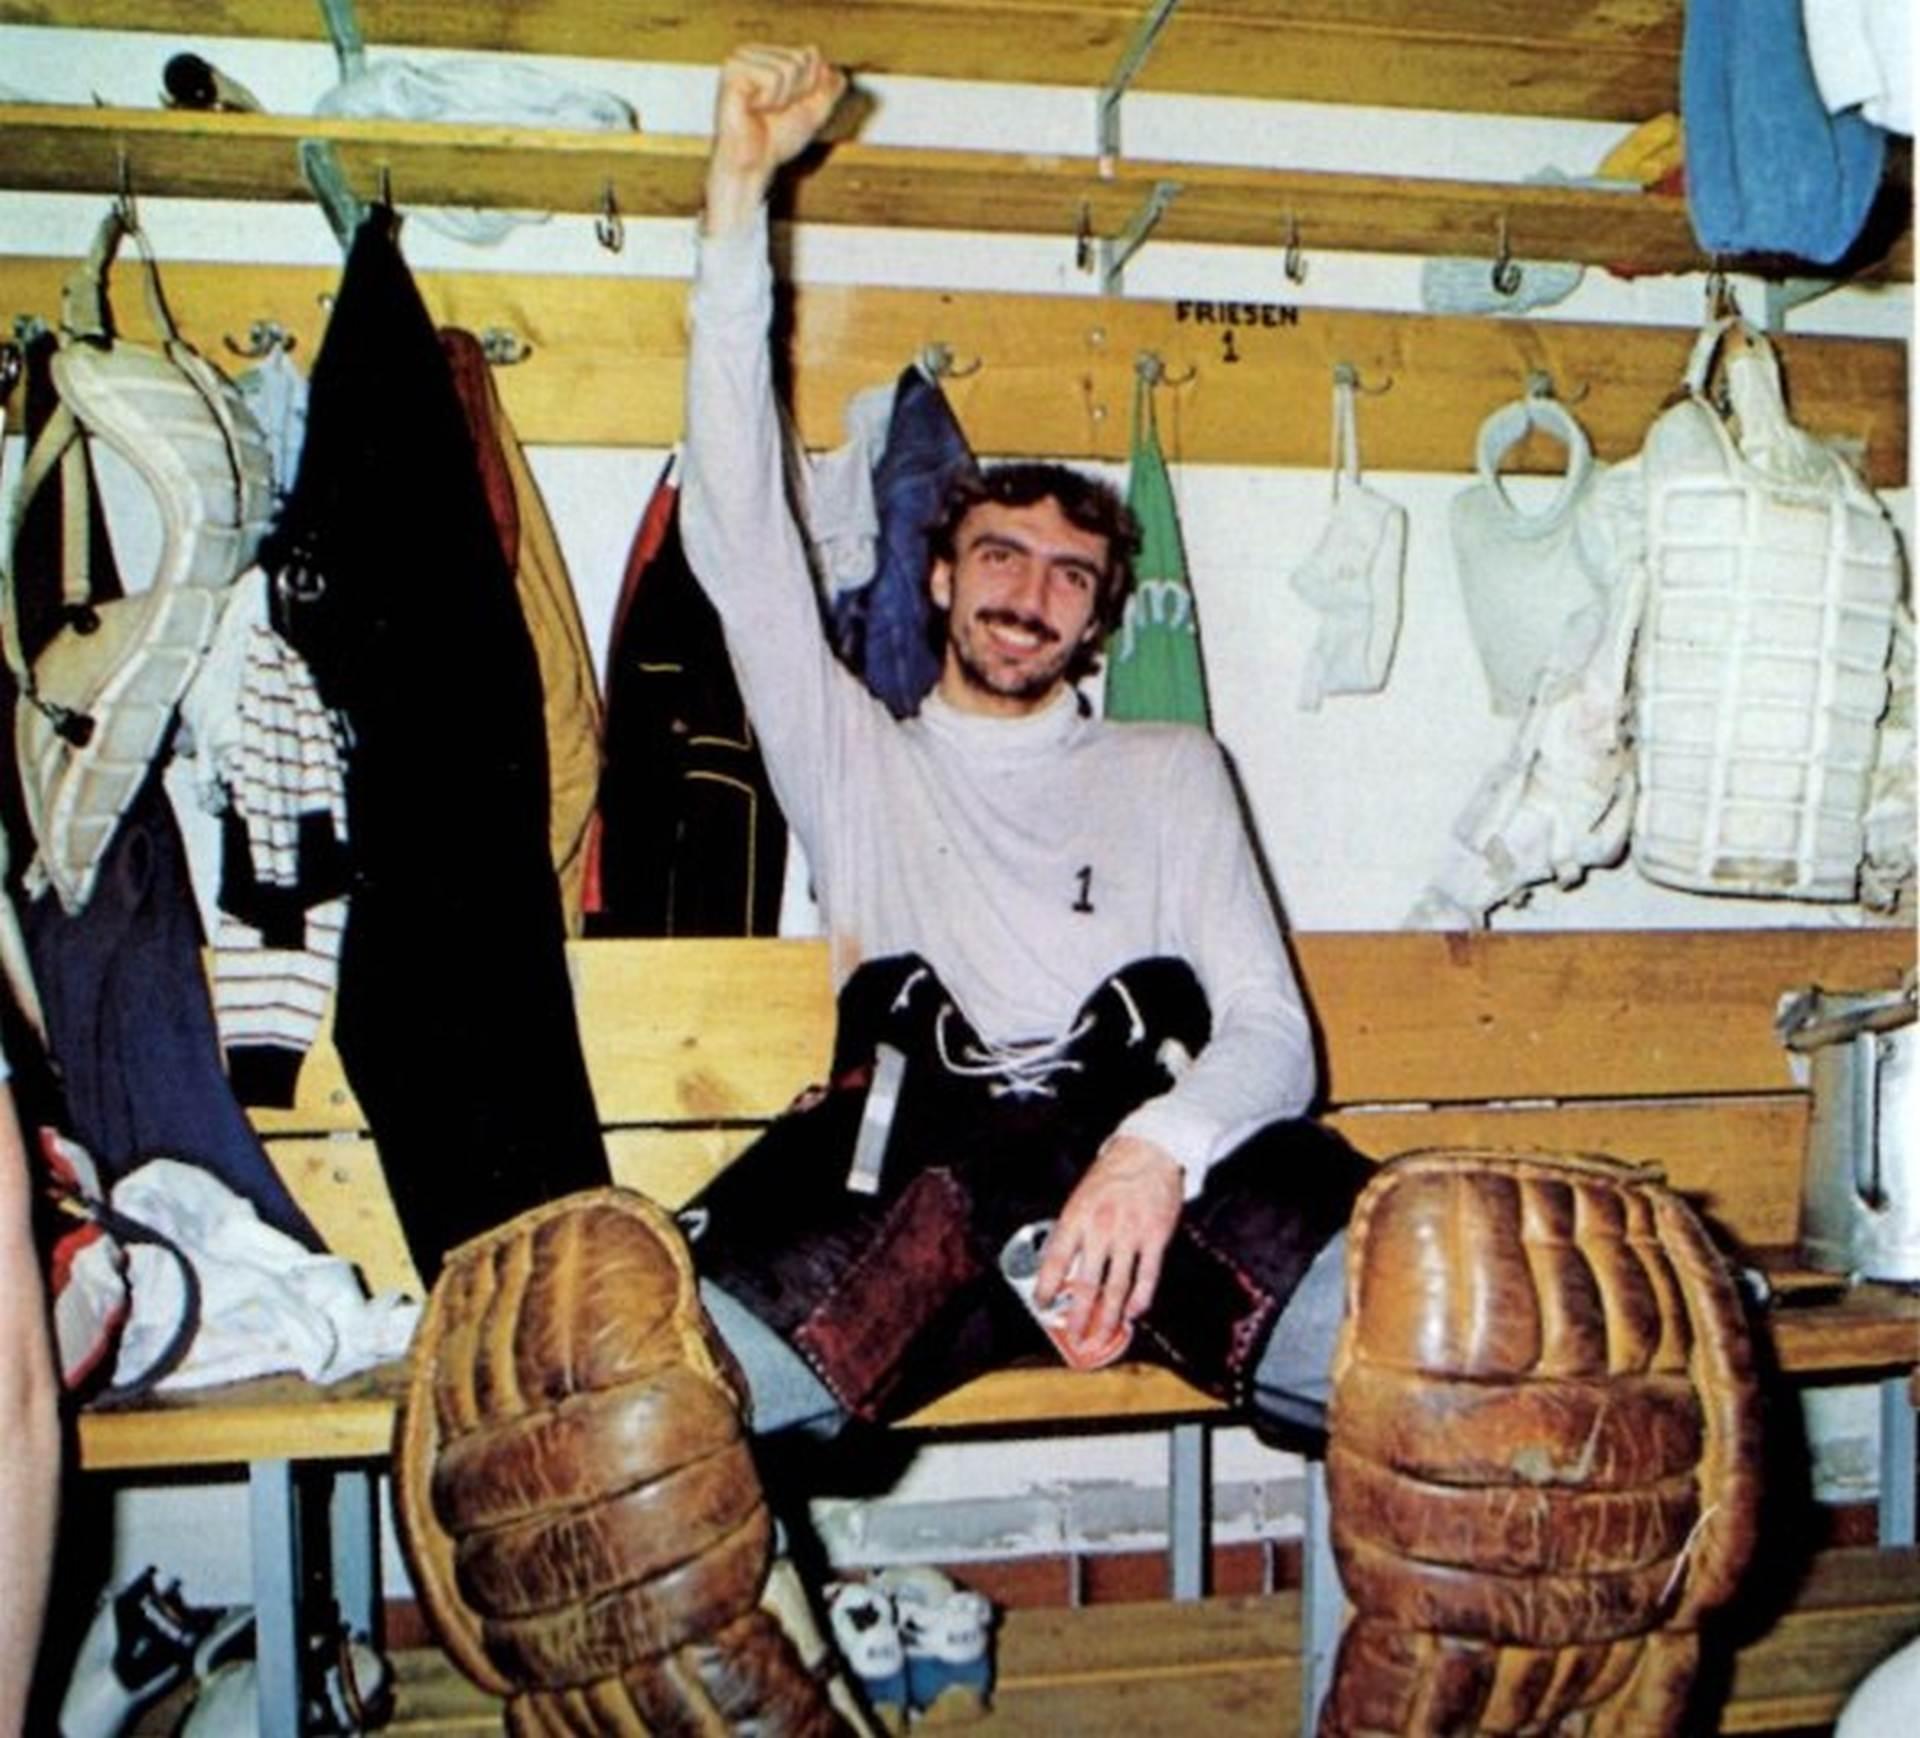 Friesen Karl Jubel - 1978 - 1994